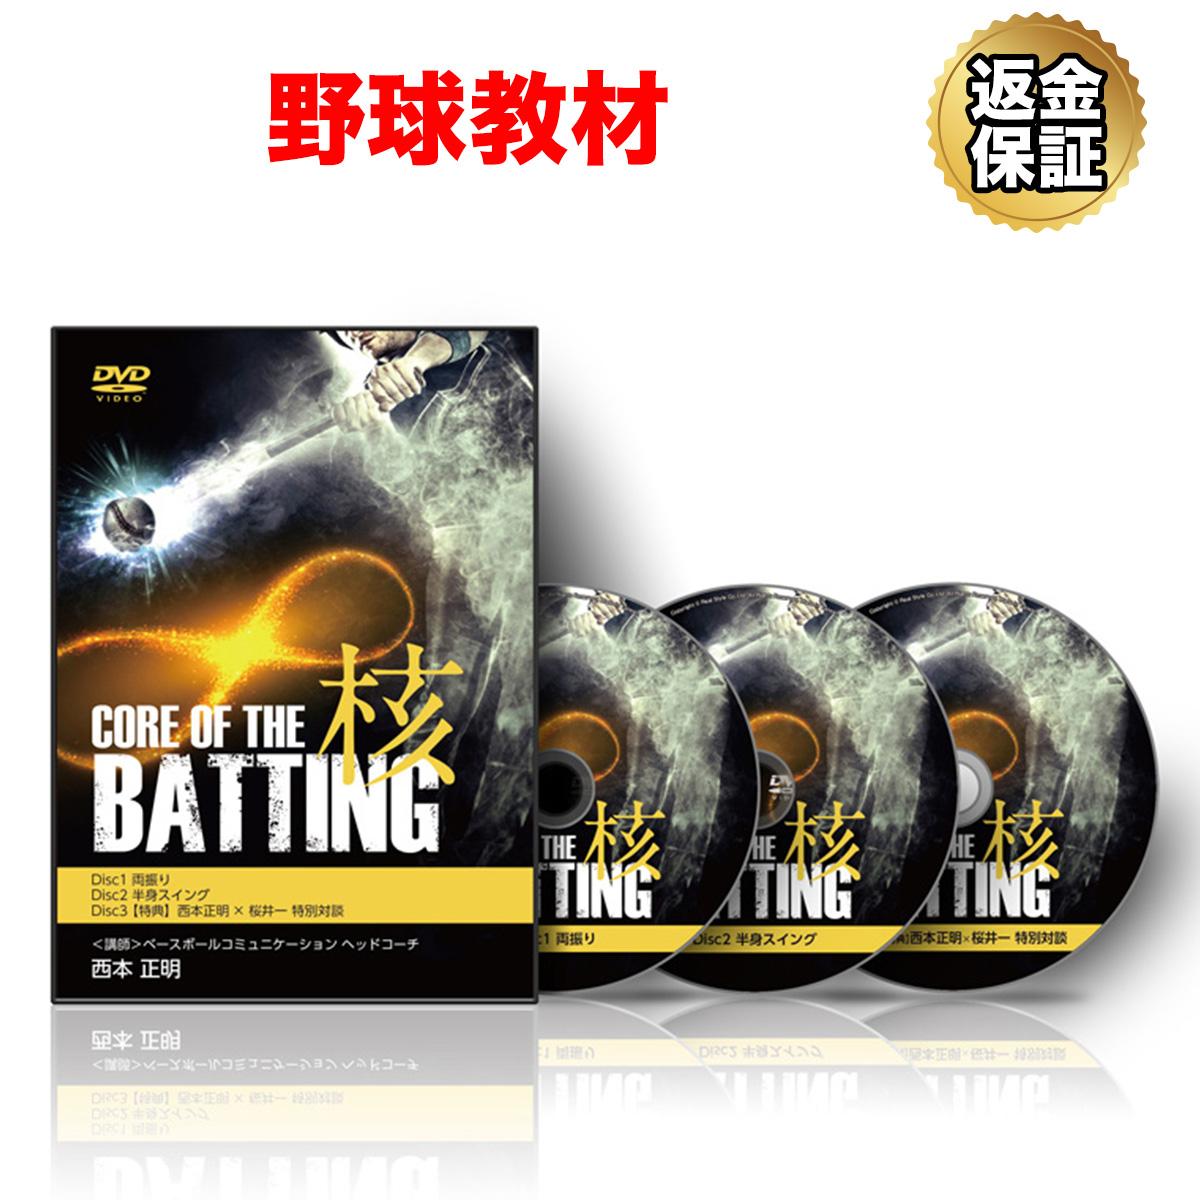 【野球】CORE OF THE BATTING